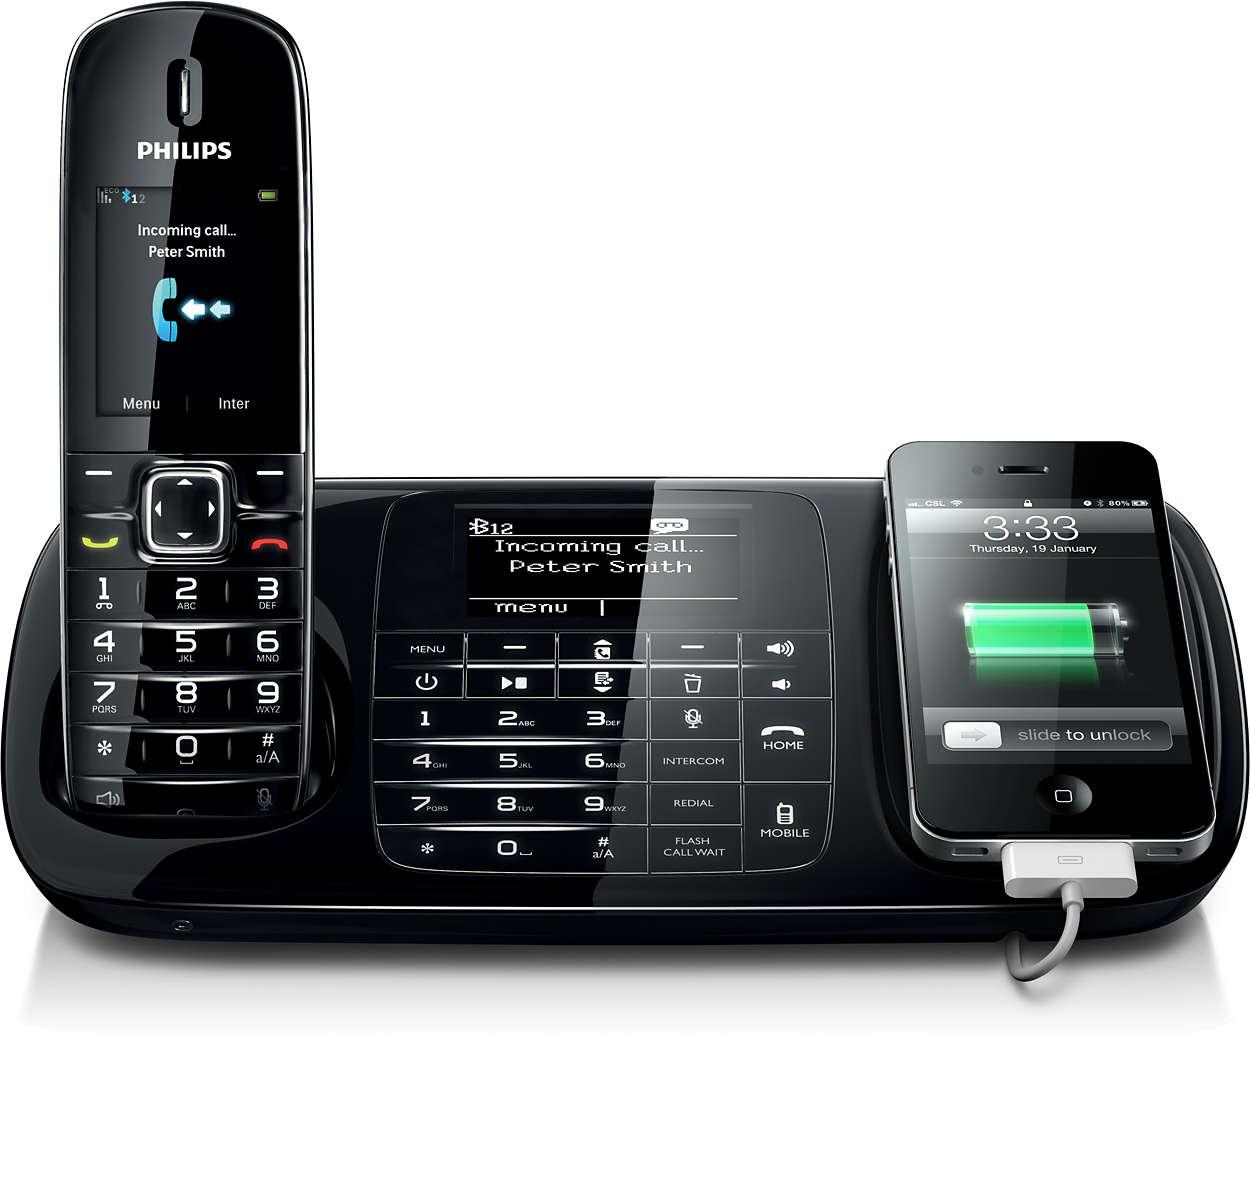 Sabit hat ve cep telefonu, tüm aramalar tek telefonda